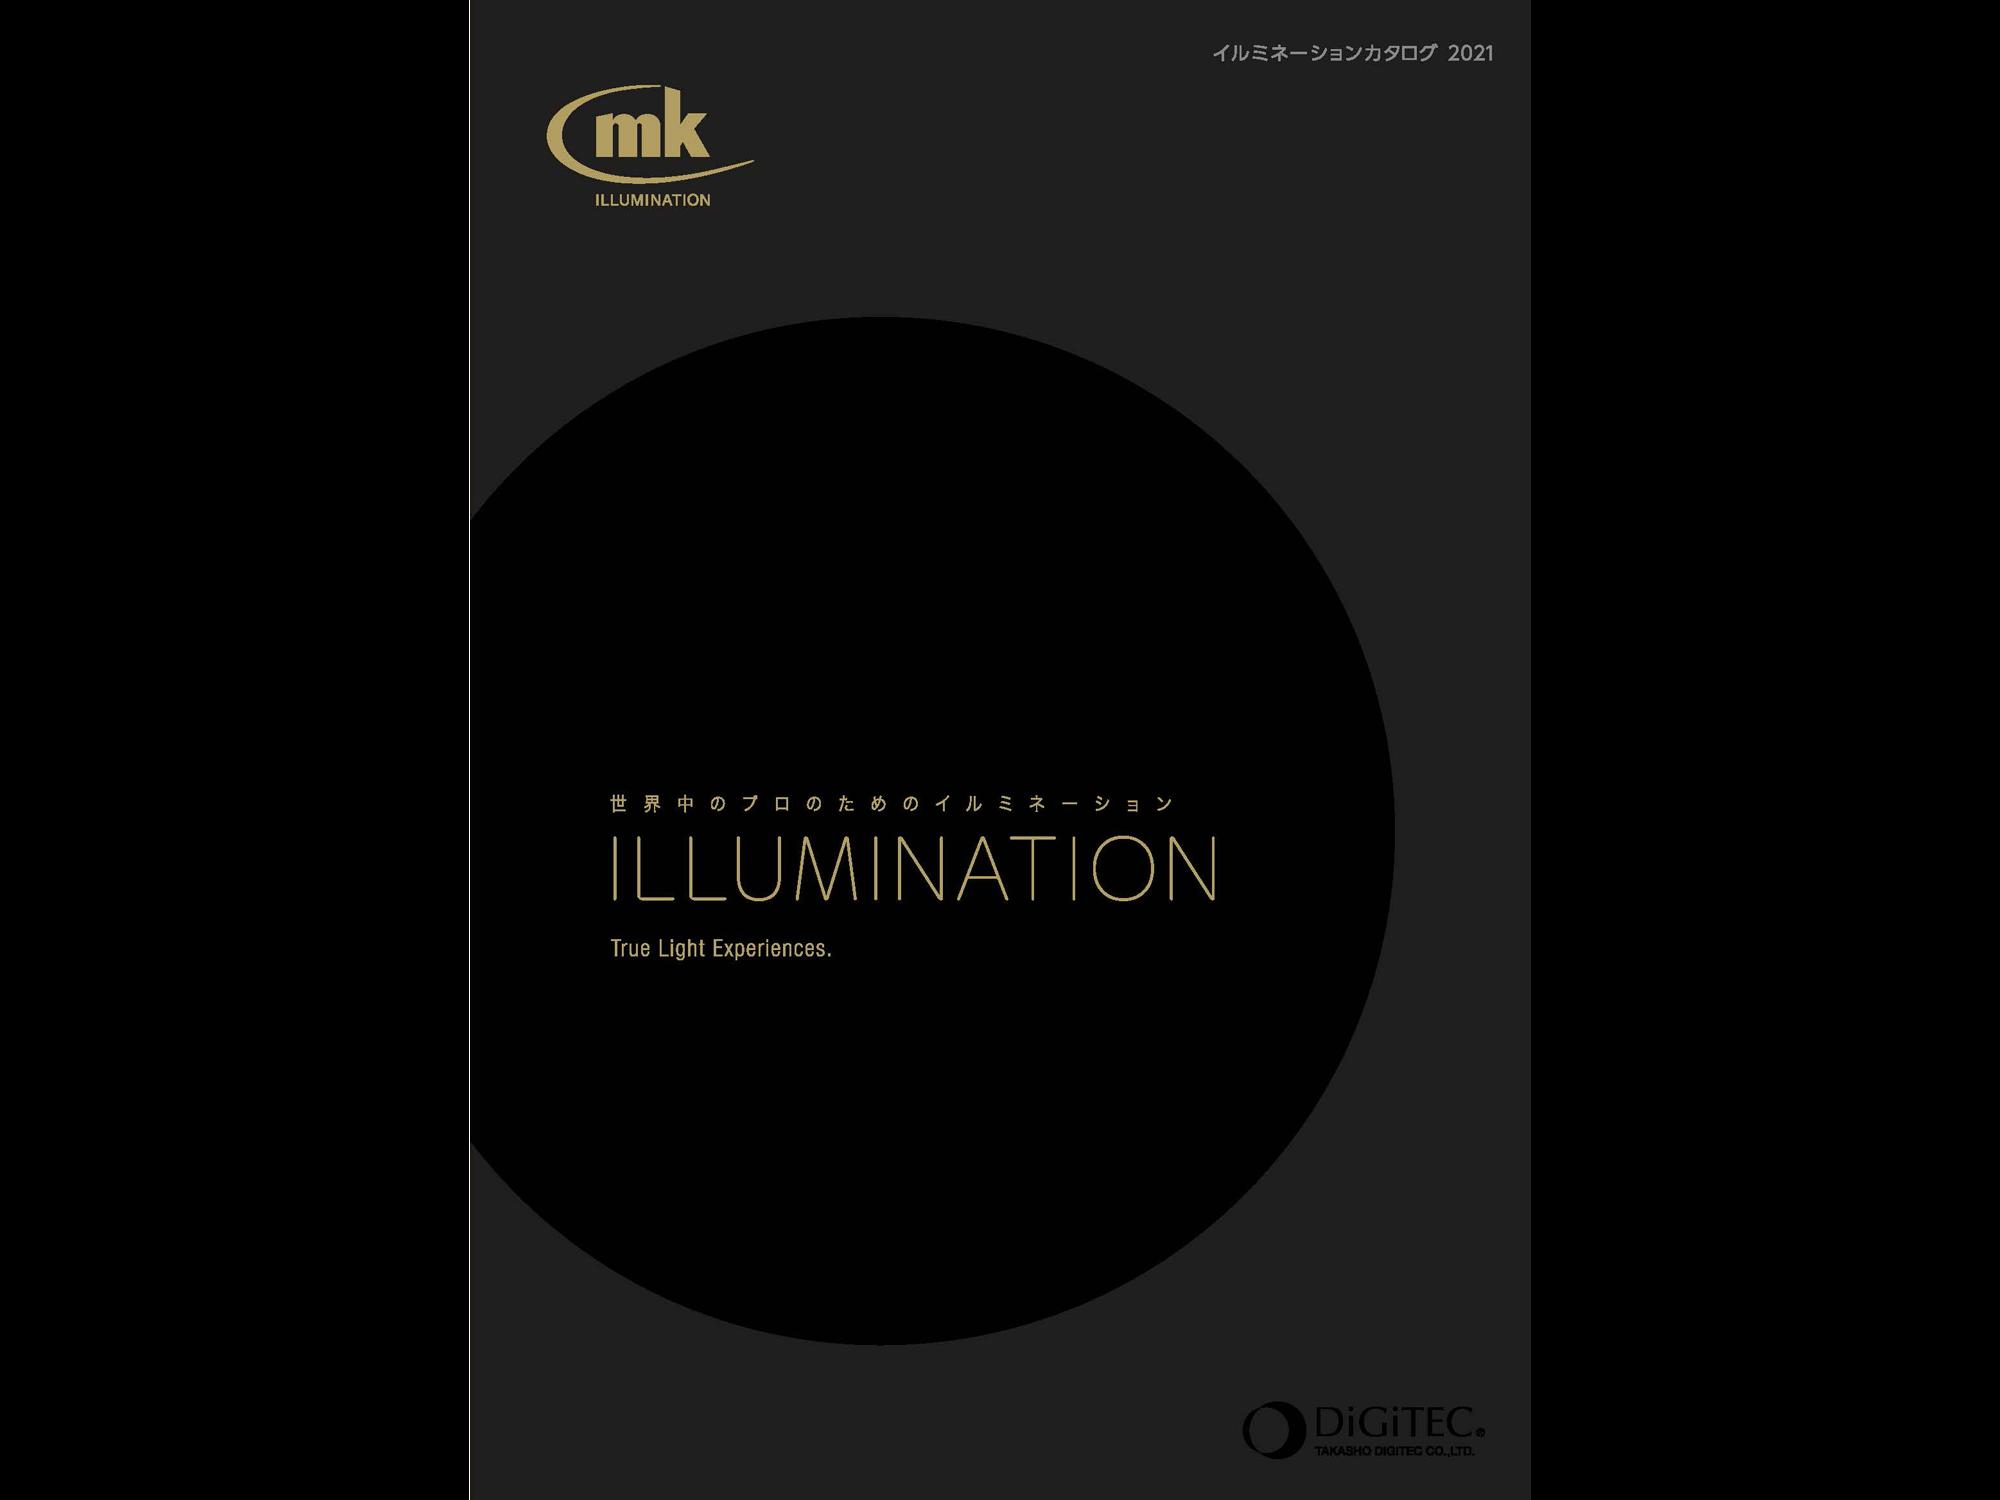 MKイルミネーションカタログ2021年度版の表示画像